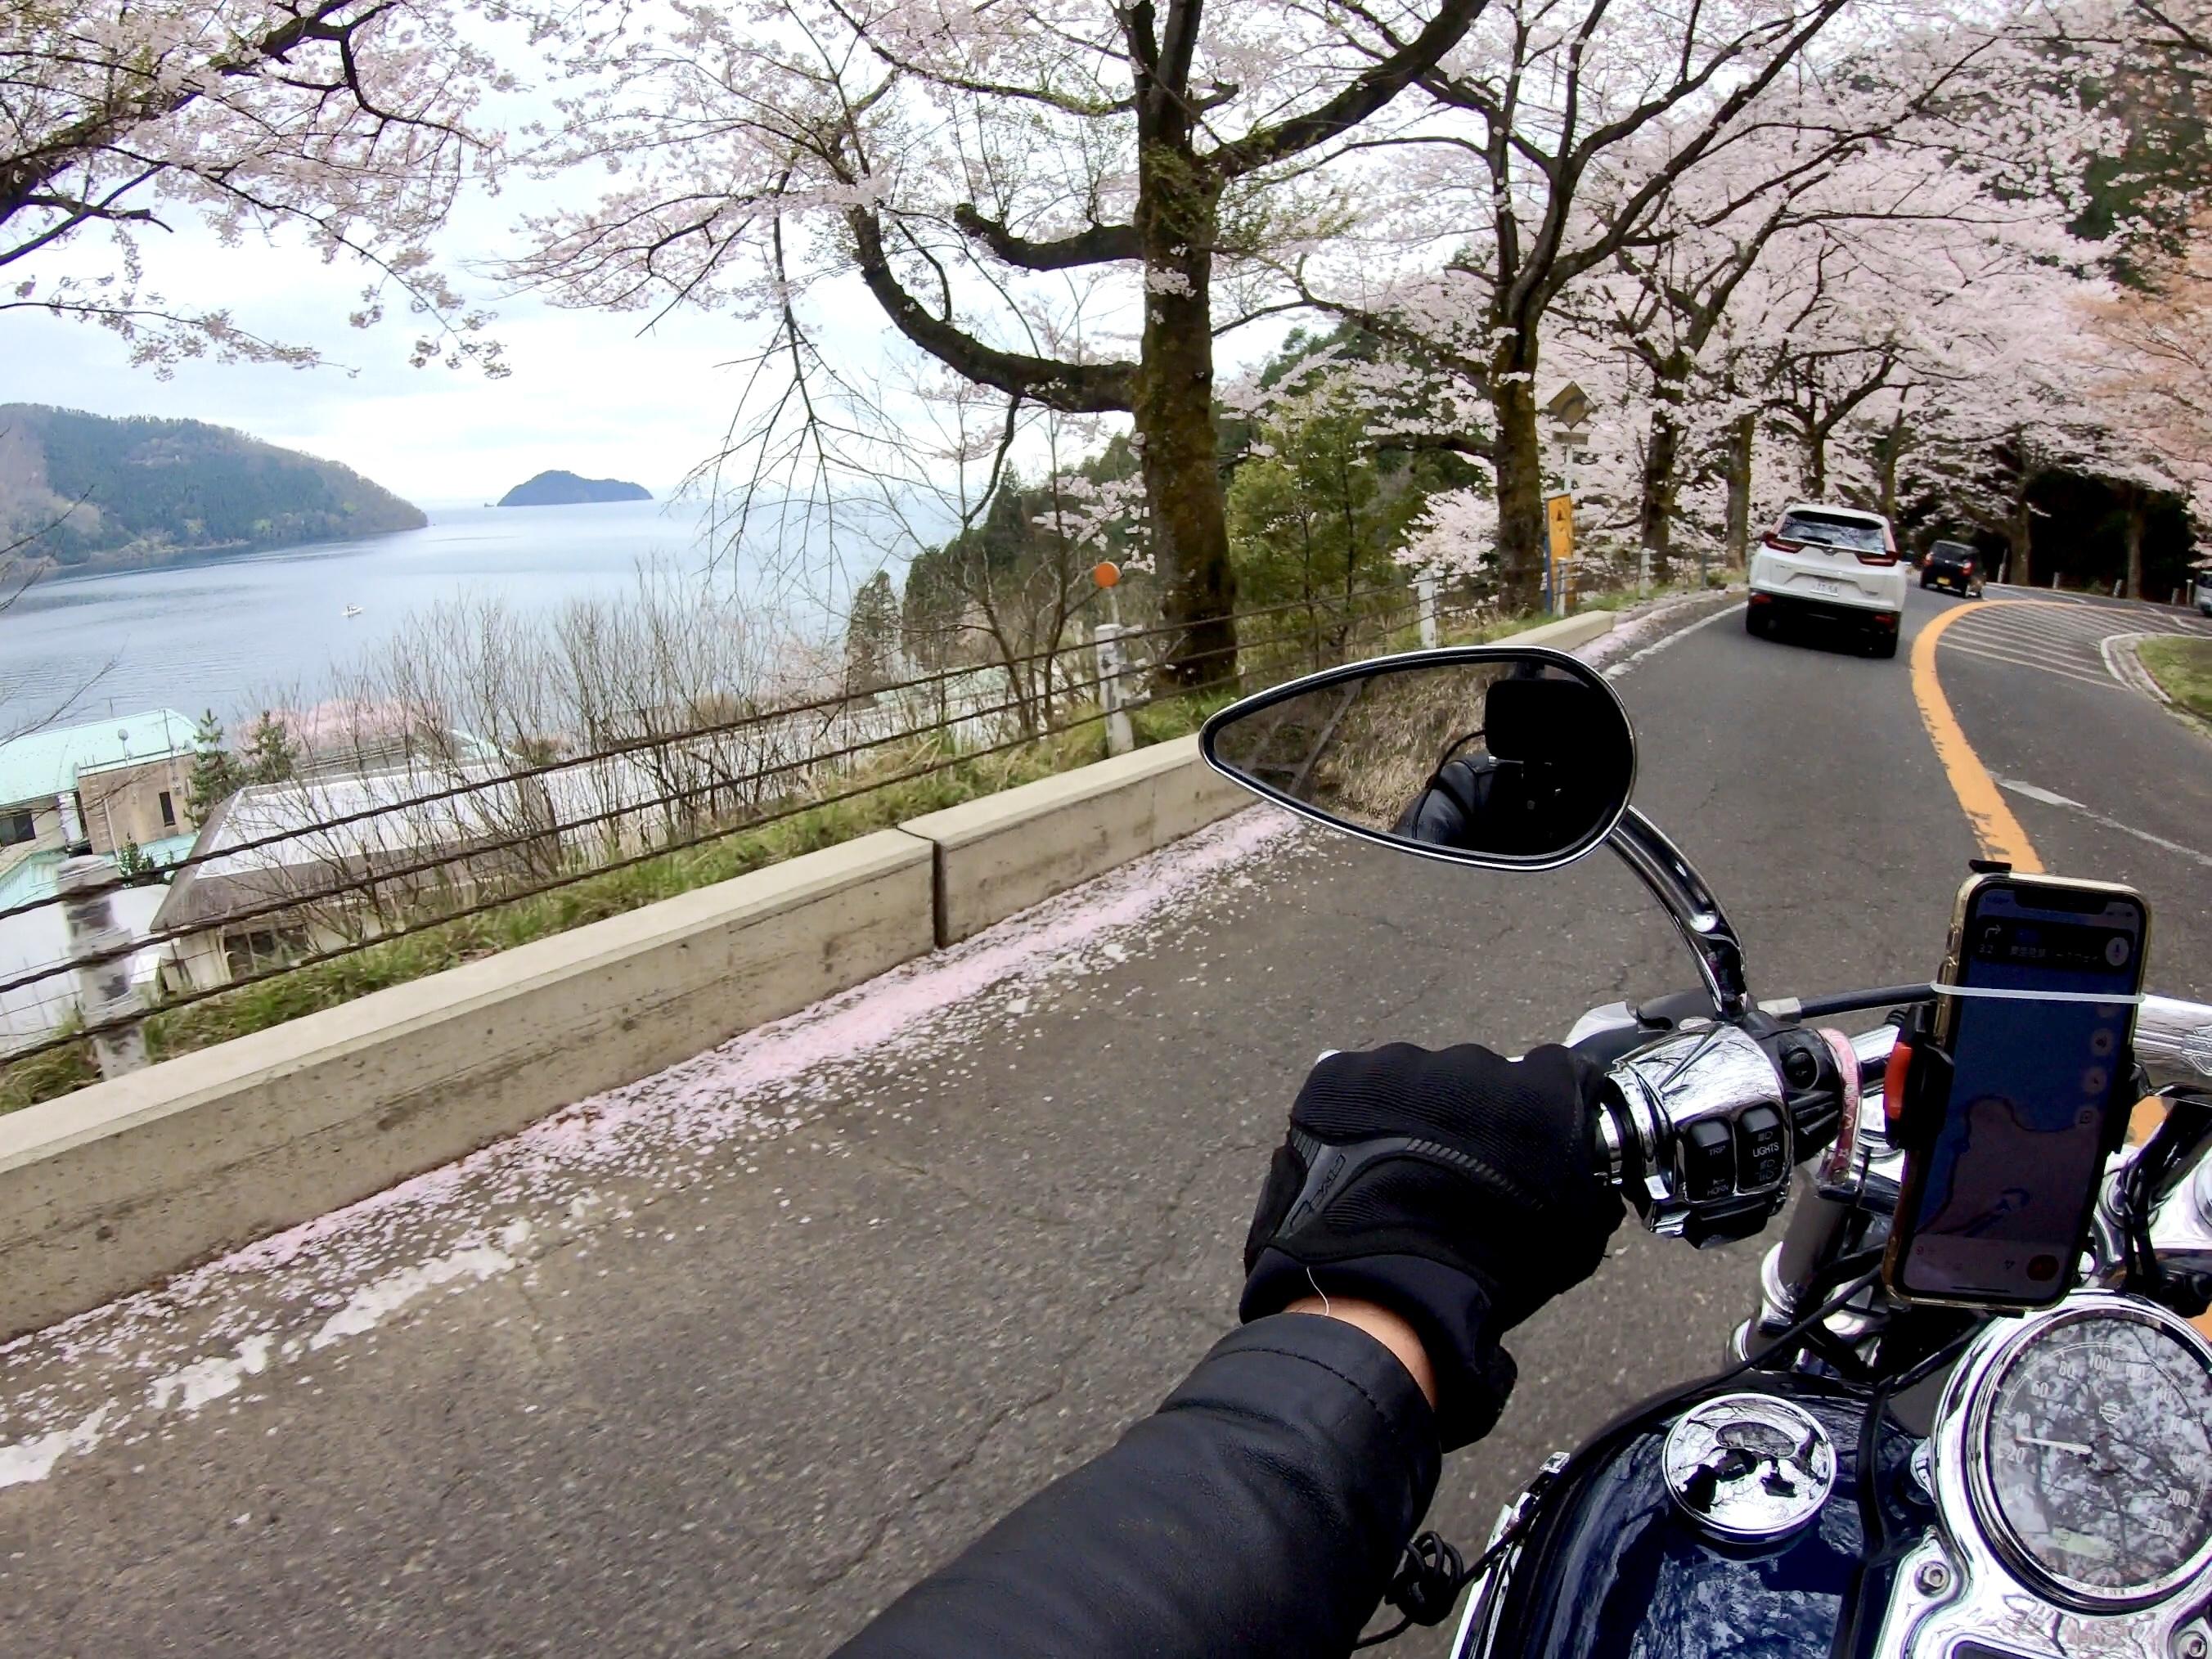 ぴーきち ハーレー 琵琶湖 桜 奥琵琶湖パークウェイ 桜並木 春 琵琶湖の景色